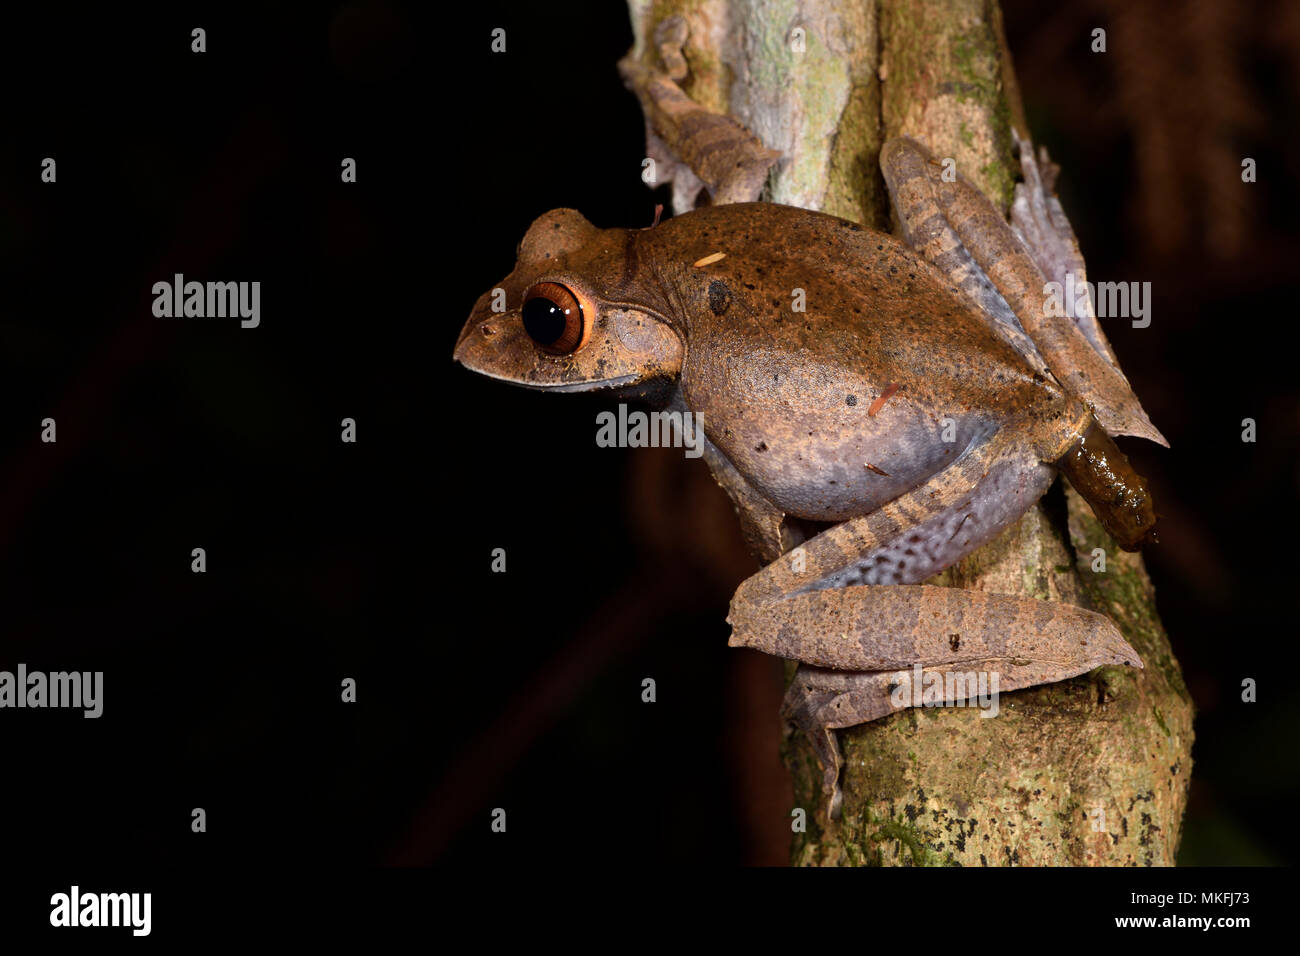 Madagascar Bright-eyed Frog (Boophis madagascariensis) defecating, Andasibe, Perinet, Alaotra-Mangoro Region, Madagascar Stock Photo